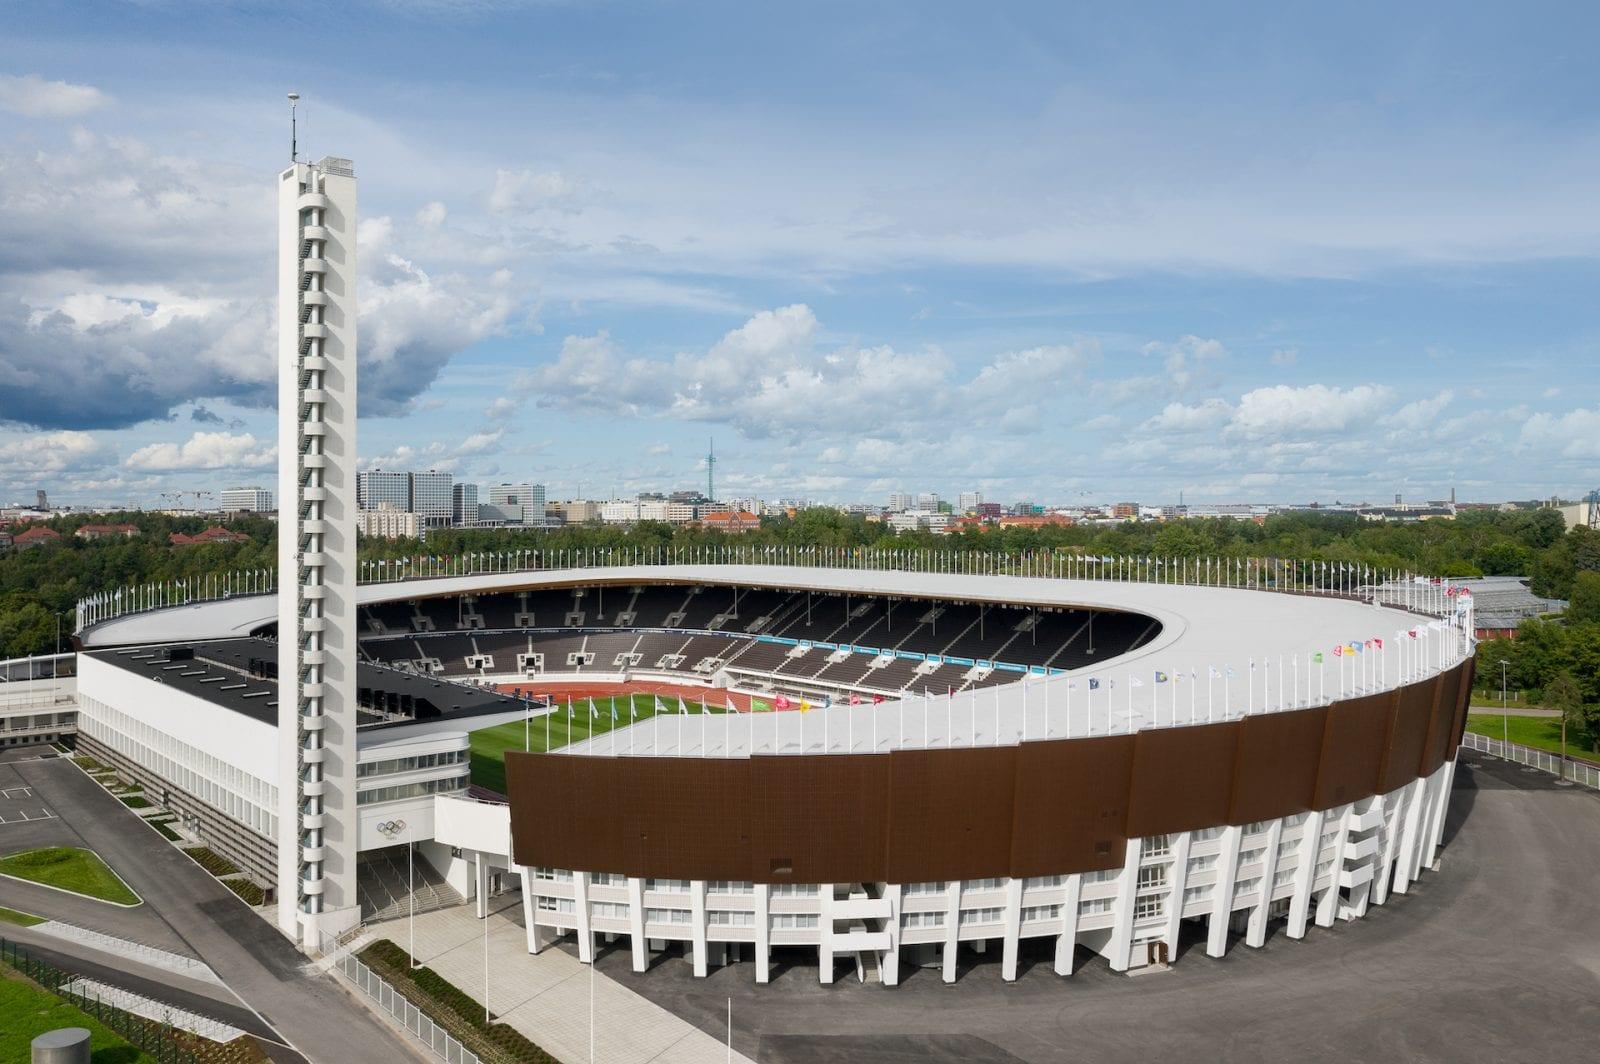 Das Olympiastadion Helsinki von 1938: Wiedereröffnung nach Sanierung und Modernisierung (Foto: Wellu Hämäläinen)